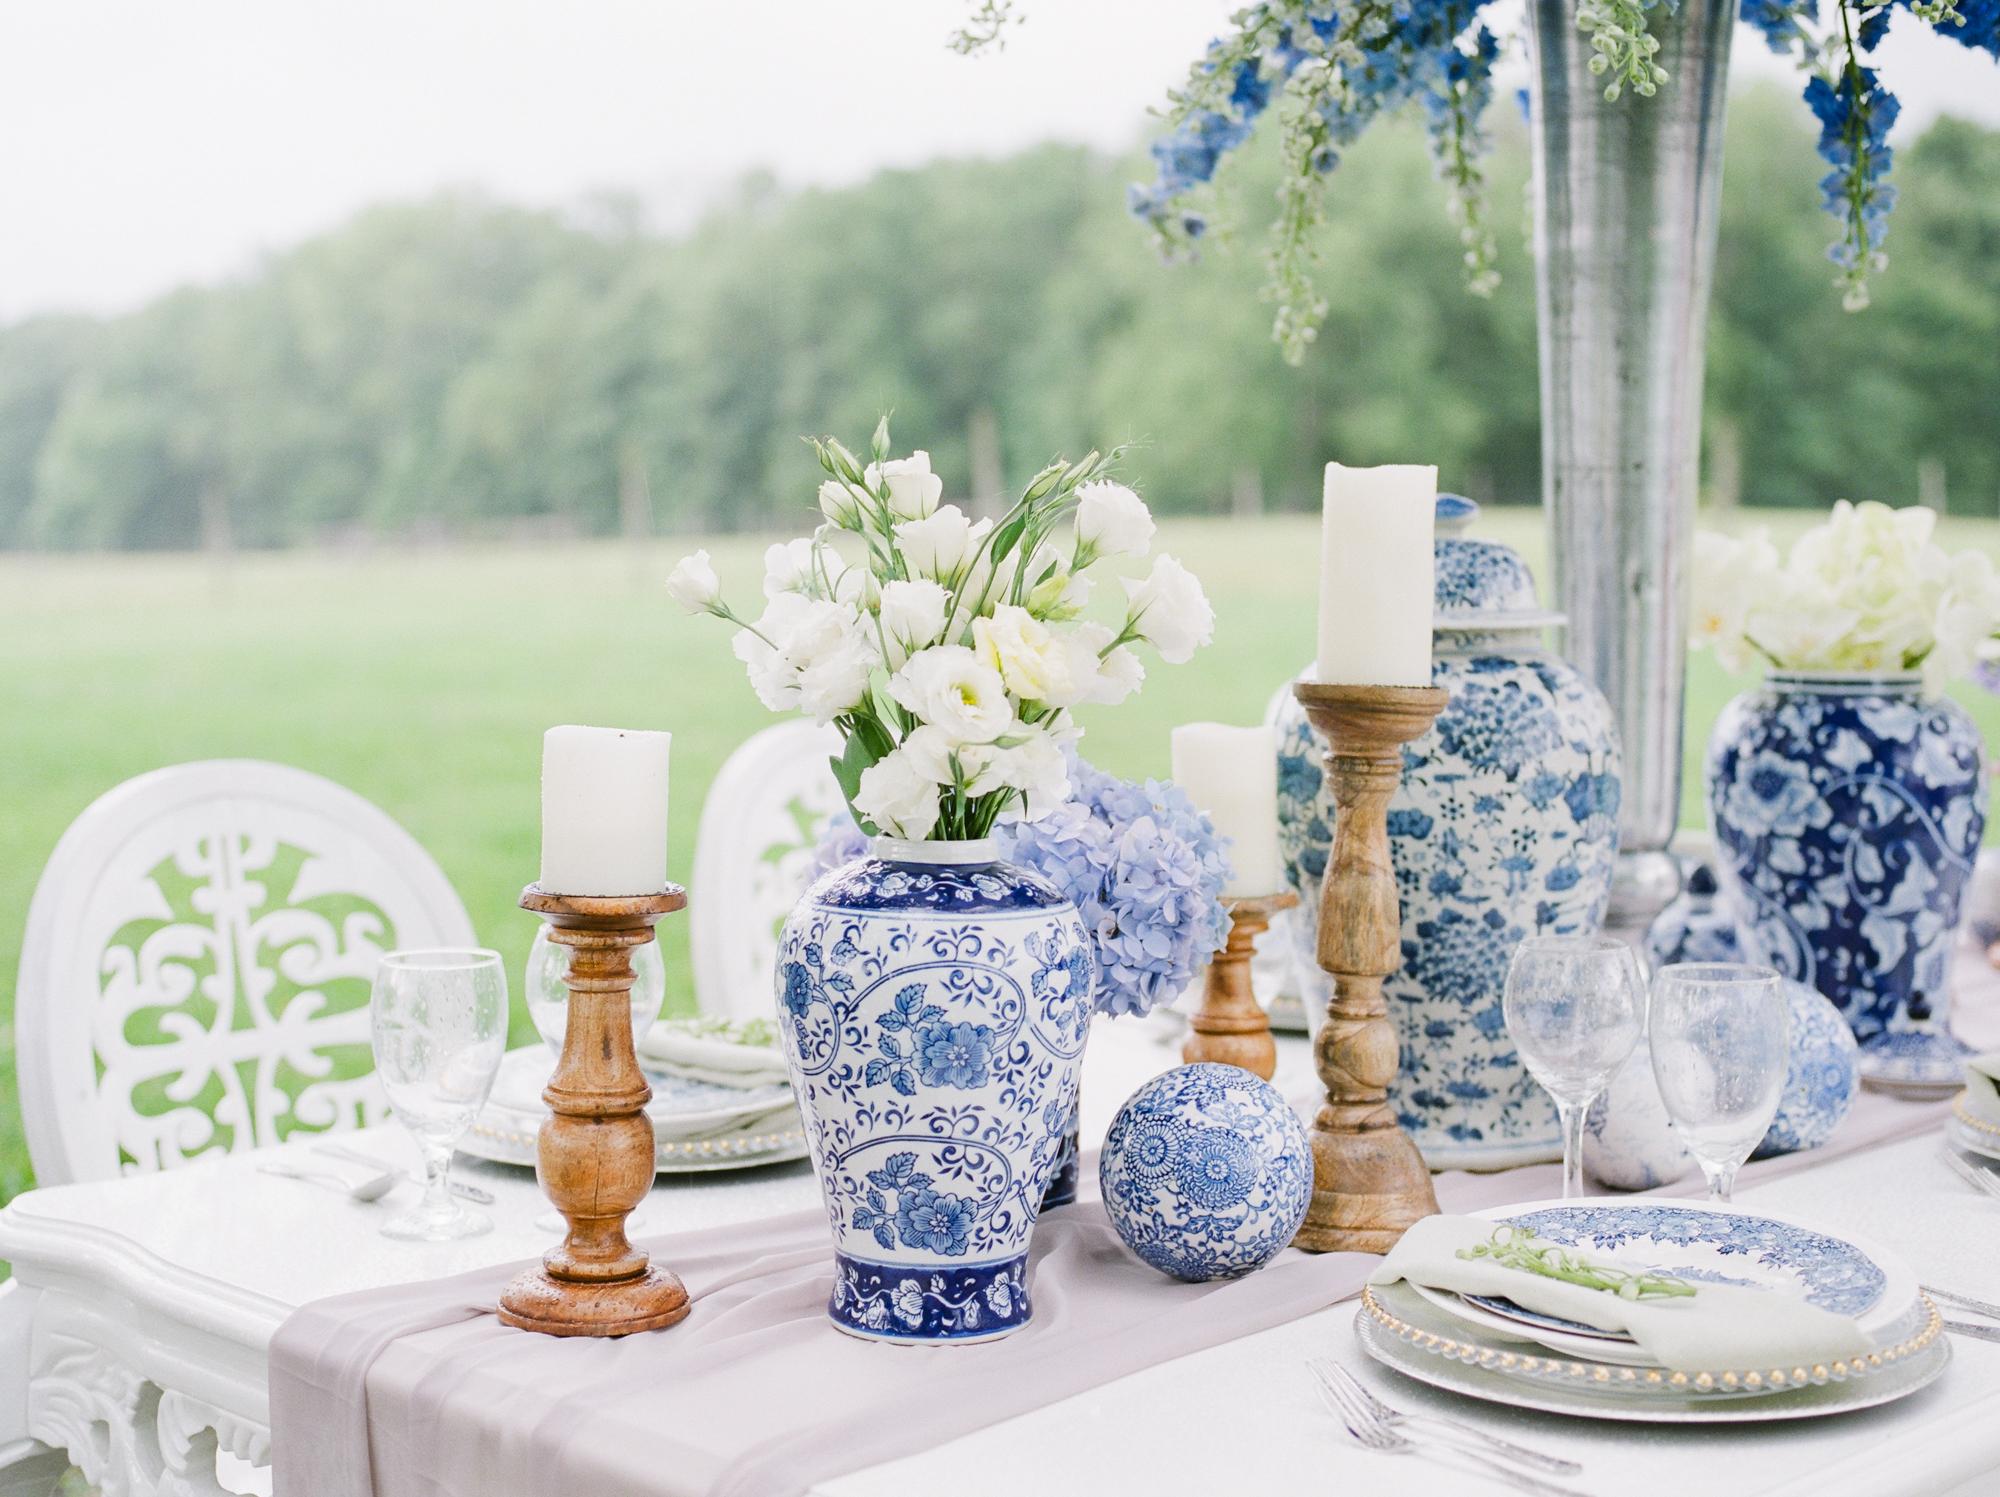 nj_alpaca-farm_wedding_inspiration-12.jpg